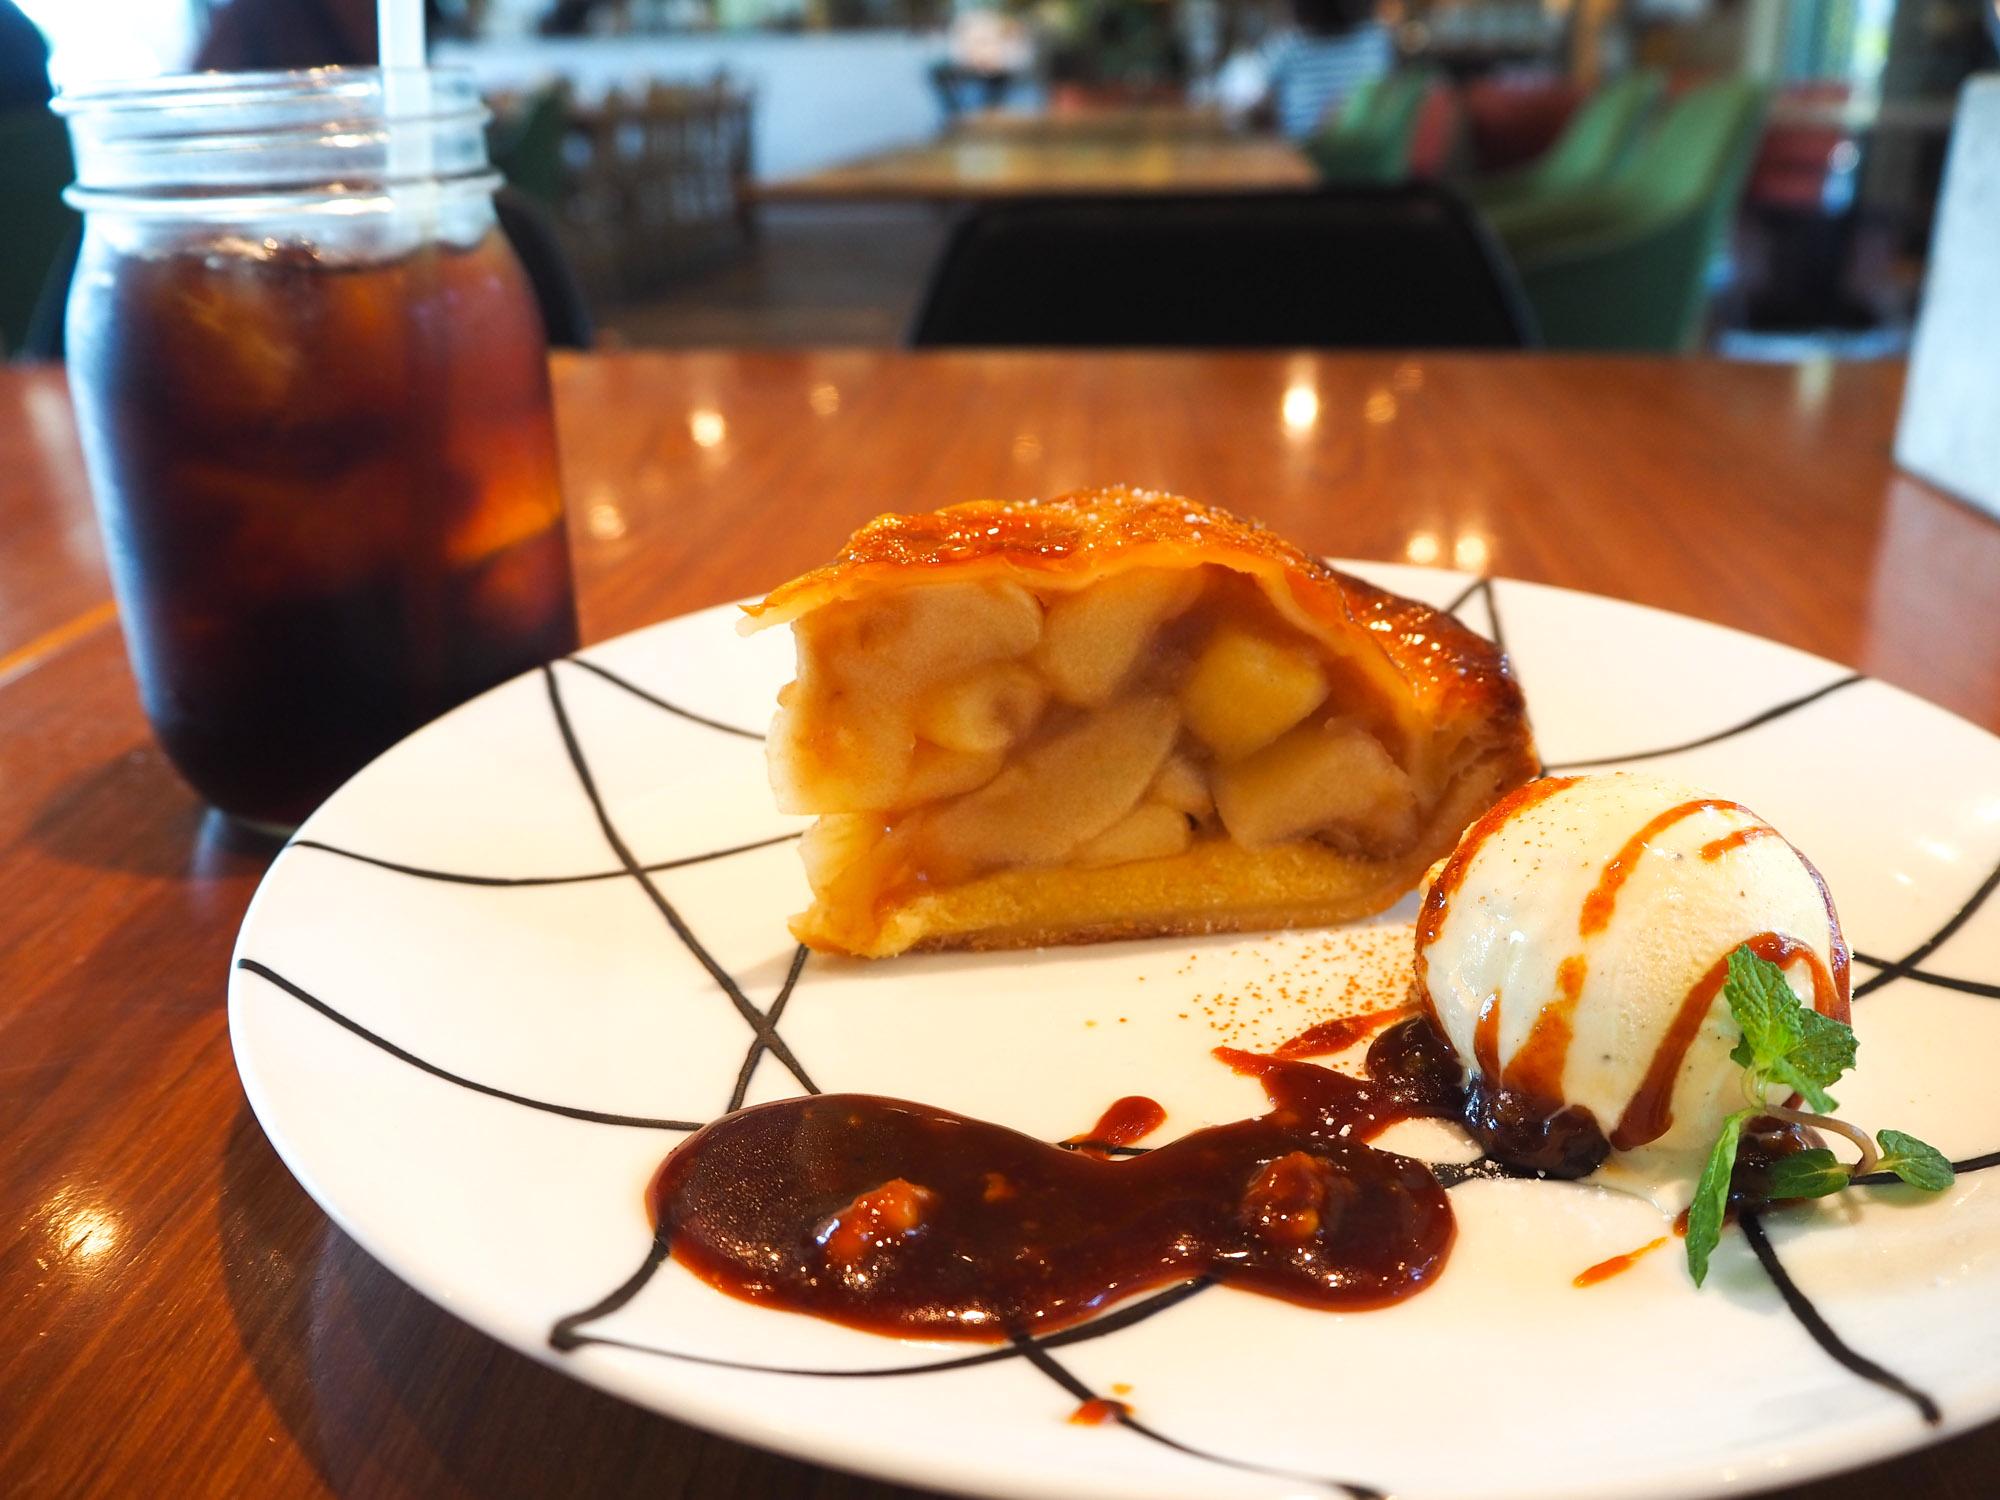 アイスコーヒー(税込528円)とアップルパイ(税込878)円。 アップルパイは程よい甘さ。バニラアイスとほろ苦いカラメルソースがベストマッチ。